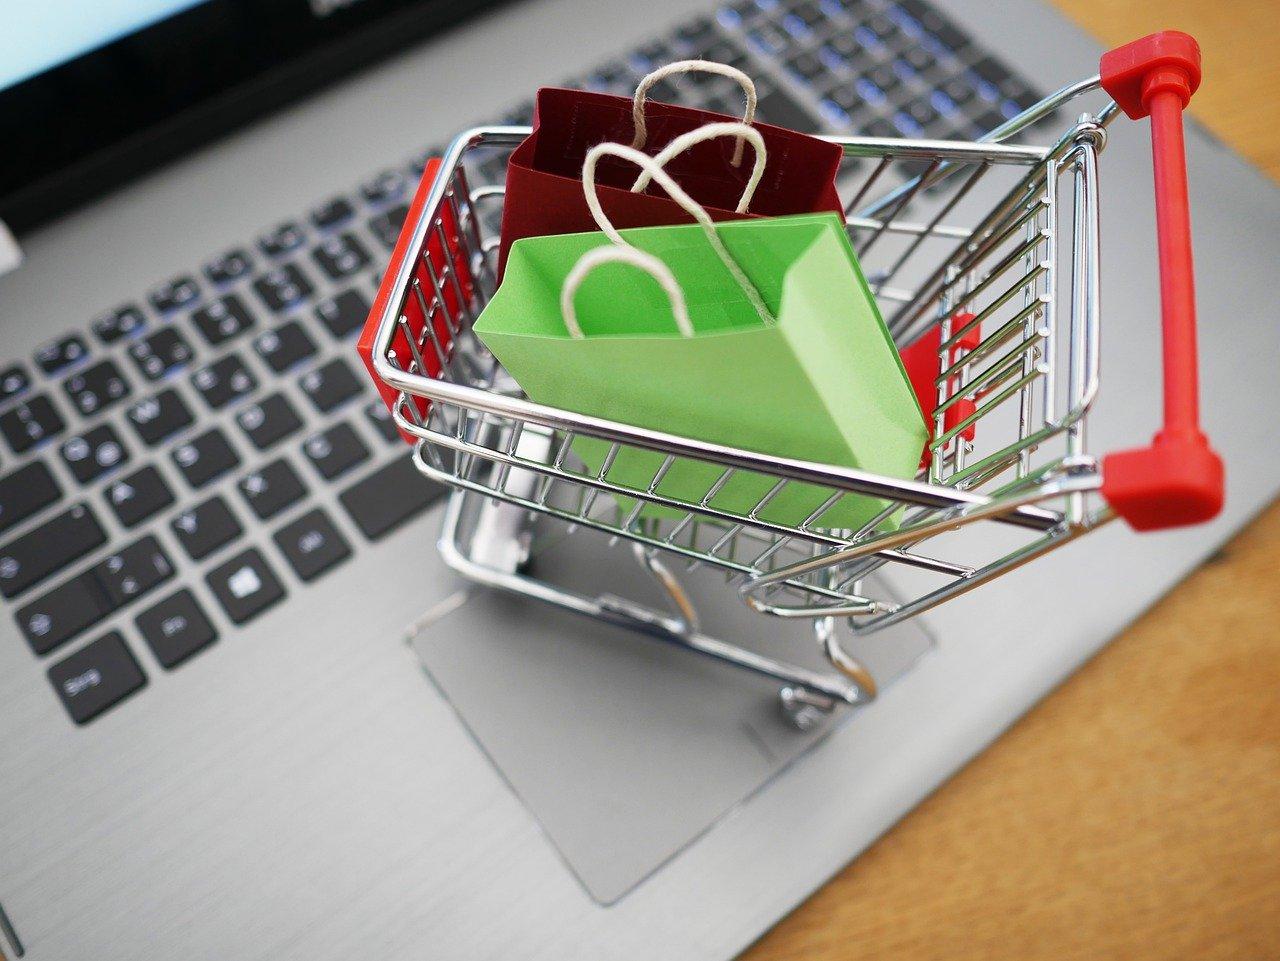 Les 3 meilleurs sites de vente en ligne discount en Europe